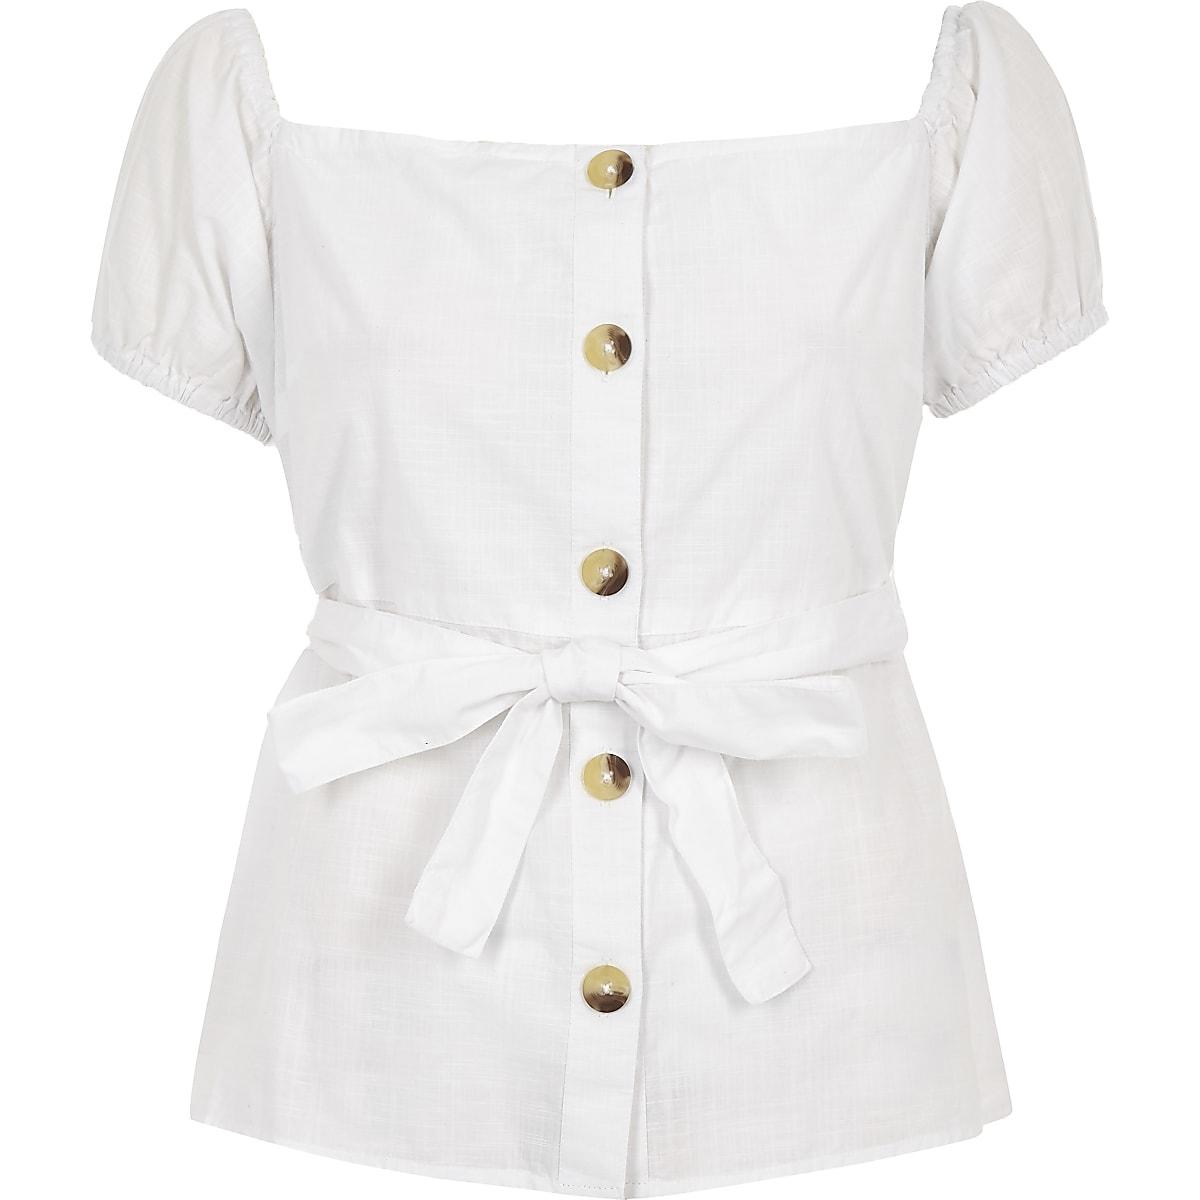 0d4815d212d755 Petite white bardot button top - Bardot   Cold Shoulder Tops - Tops ...